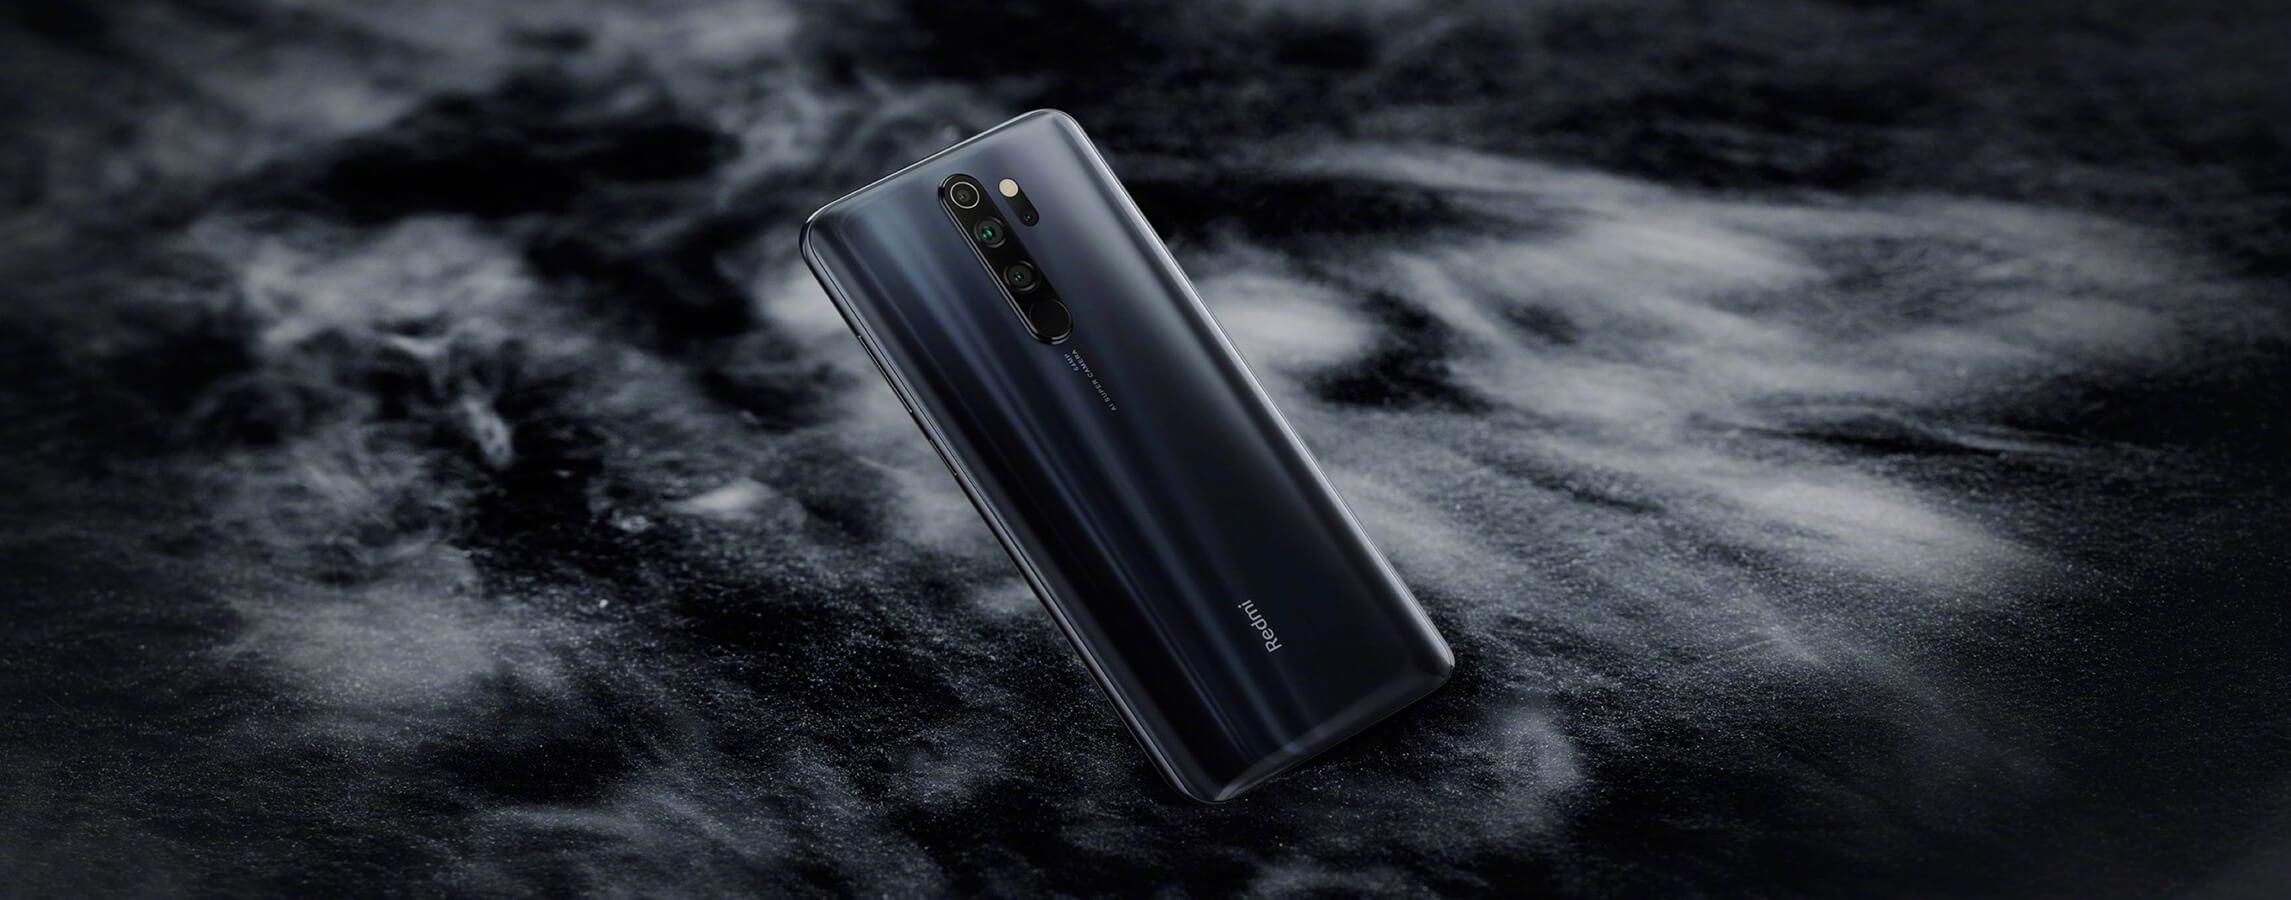 هاتف Redmi Note 8 Pro تمتمع بصورة رائعة بمميزات كثيرة